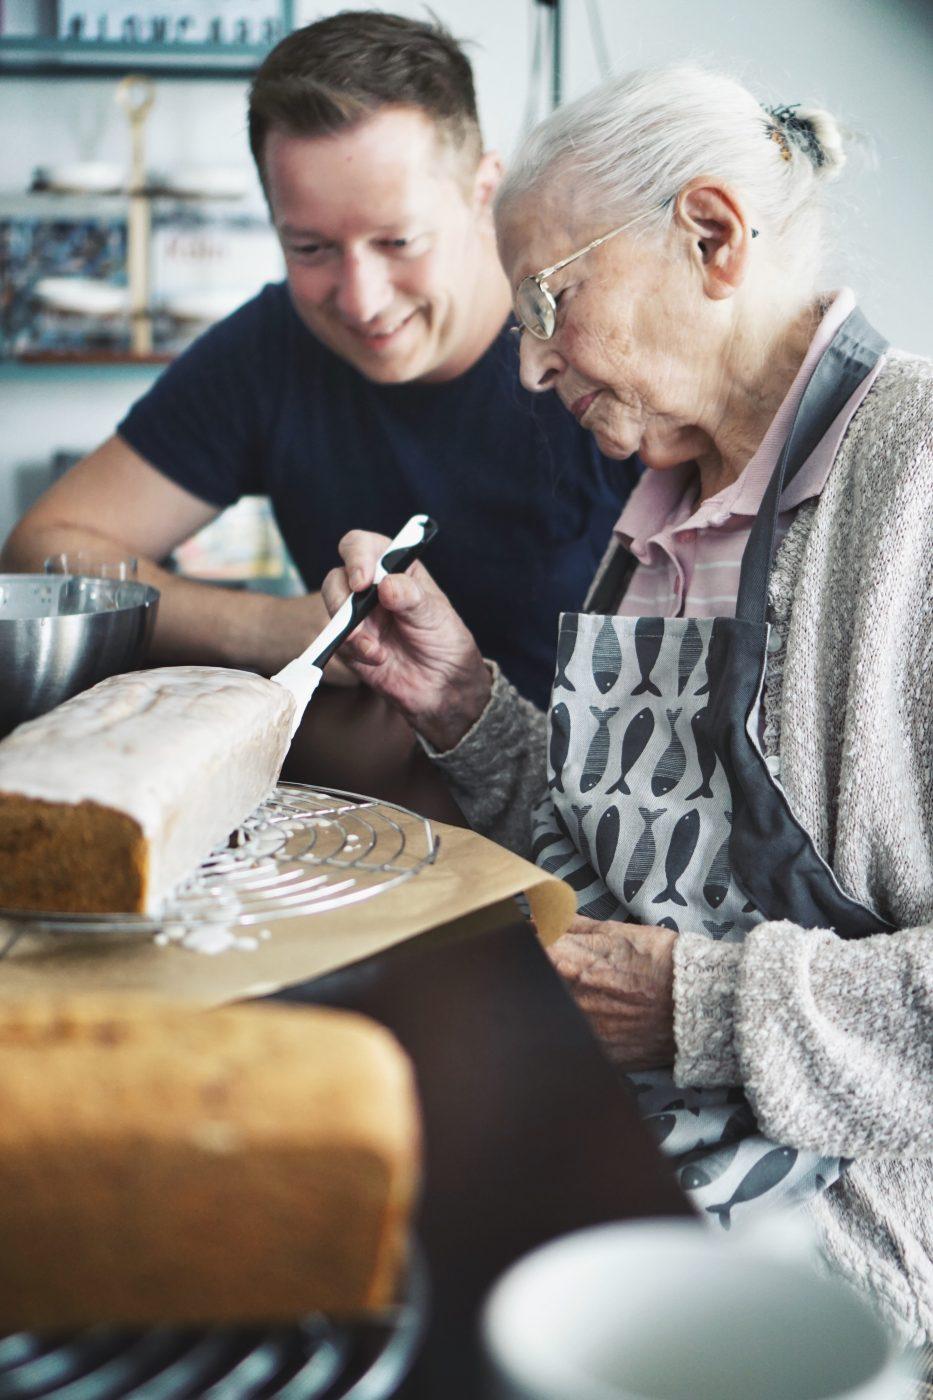 Omas Lores Nusskuchen 63 | In 2014 haben wir dieses Rezept zum ersten Mal ausprobiert und auch dann sofort auf den Blog gestellt, denn es verbindet am meisten natürlich Torsten, aber auch Sascha so viel mit dieser Leckerei, dass wir ihn sofort mit euch teilen mussten.DerKuchen, über den wir sprechen, ist DER Allrounder Kuchen, aber vor Allem DER Geburtstagskuchen, den unsere Oma schon seit 75 Jahren backt bzw. bis 2014 gebacken hatte.